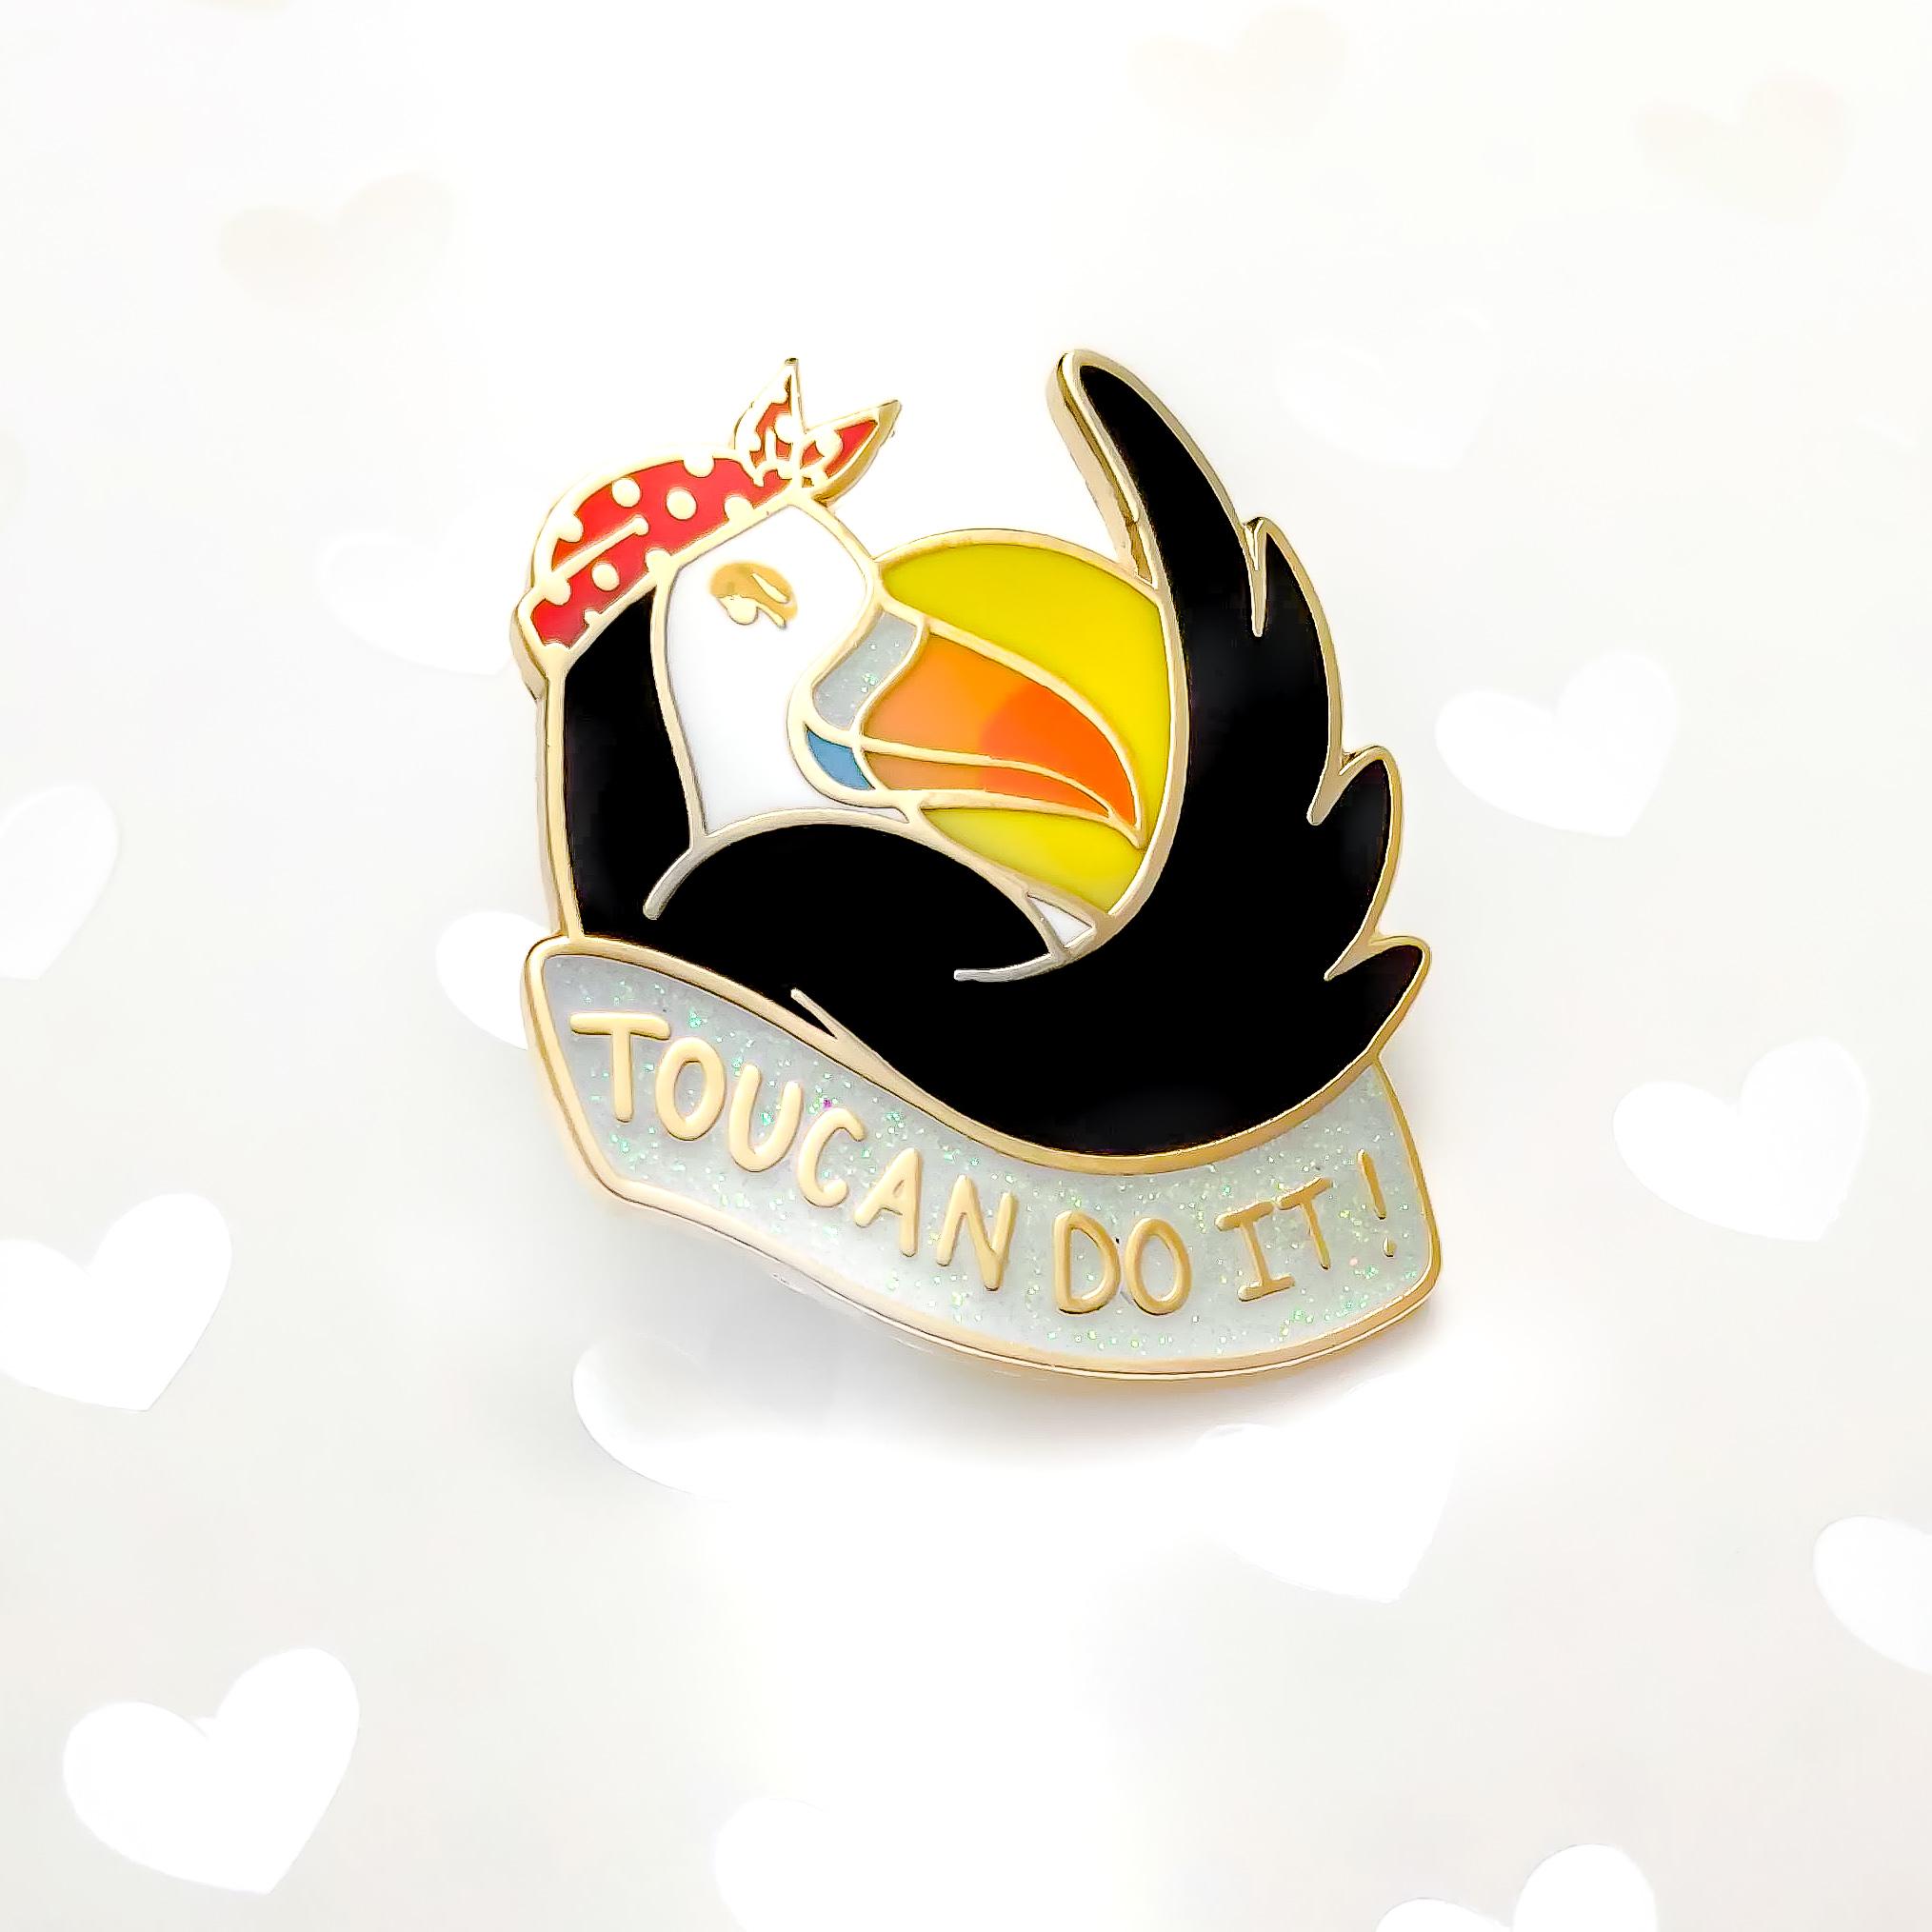 Toucan Do It Enamel Pin